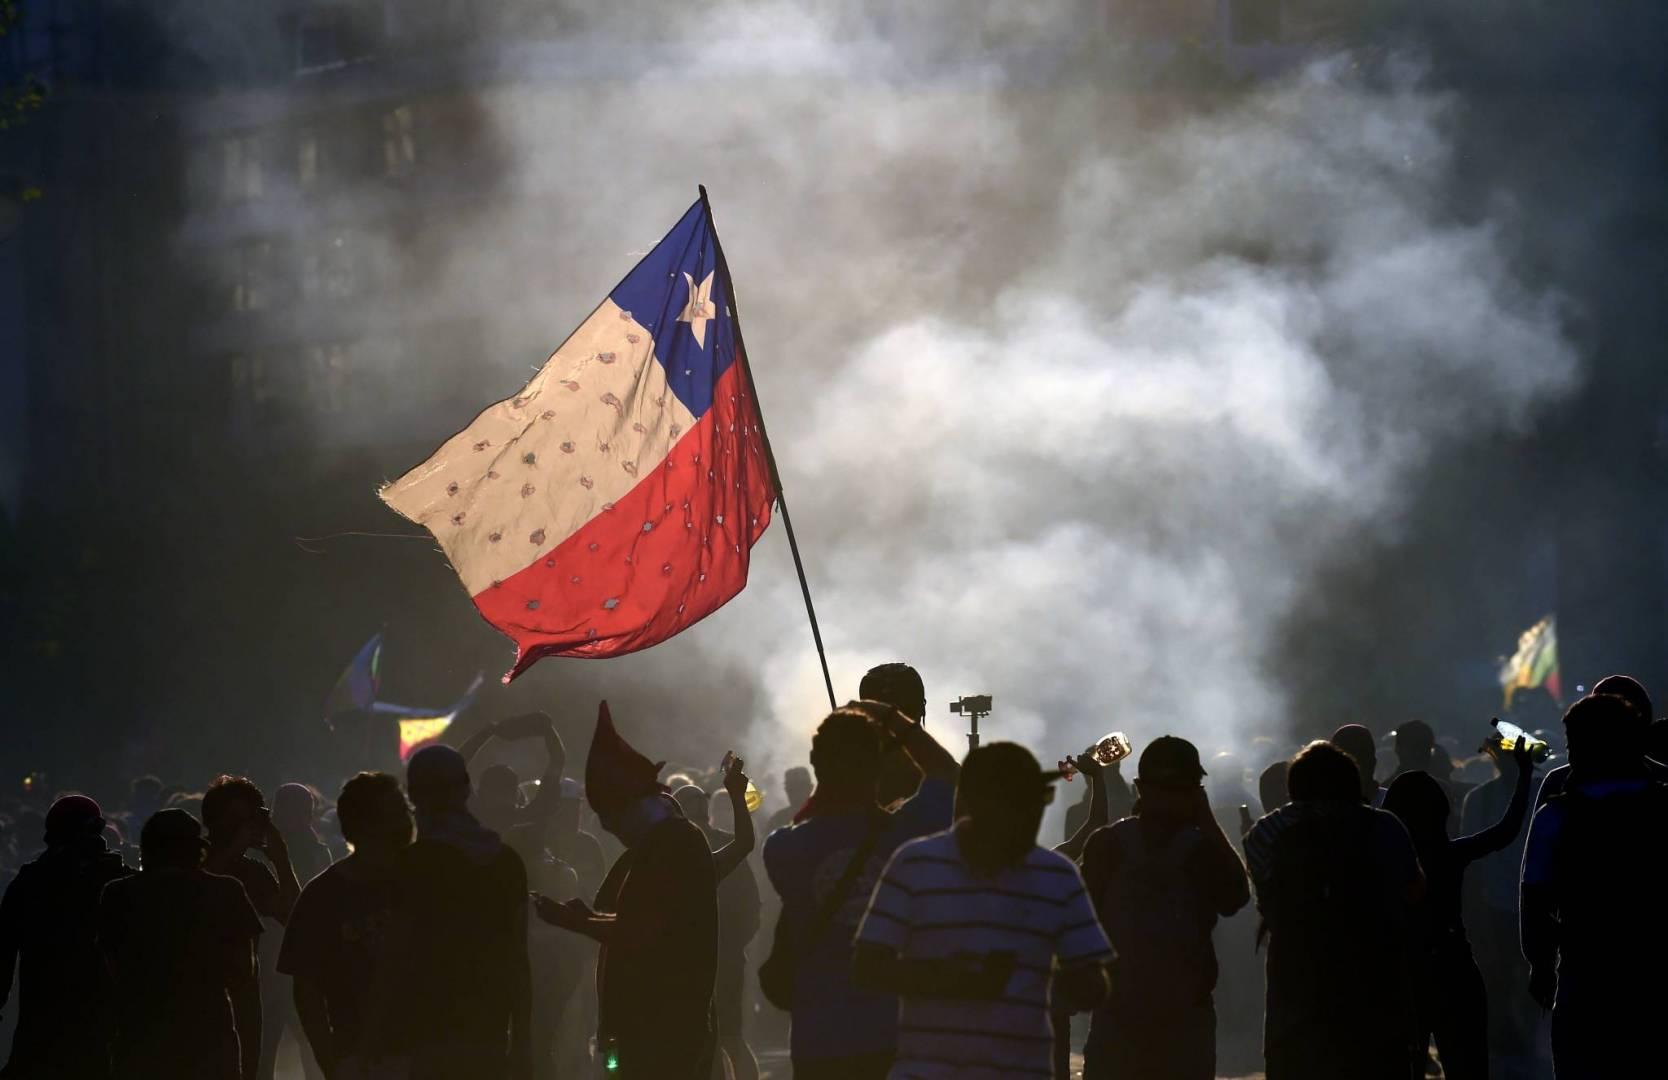 مئات الأشخاص في تشيلي يحتجون على قمع الشرطة للمتظاهرين